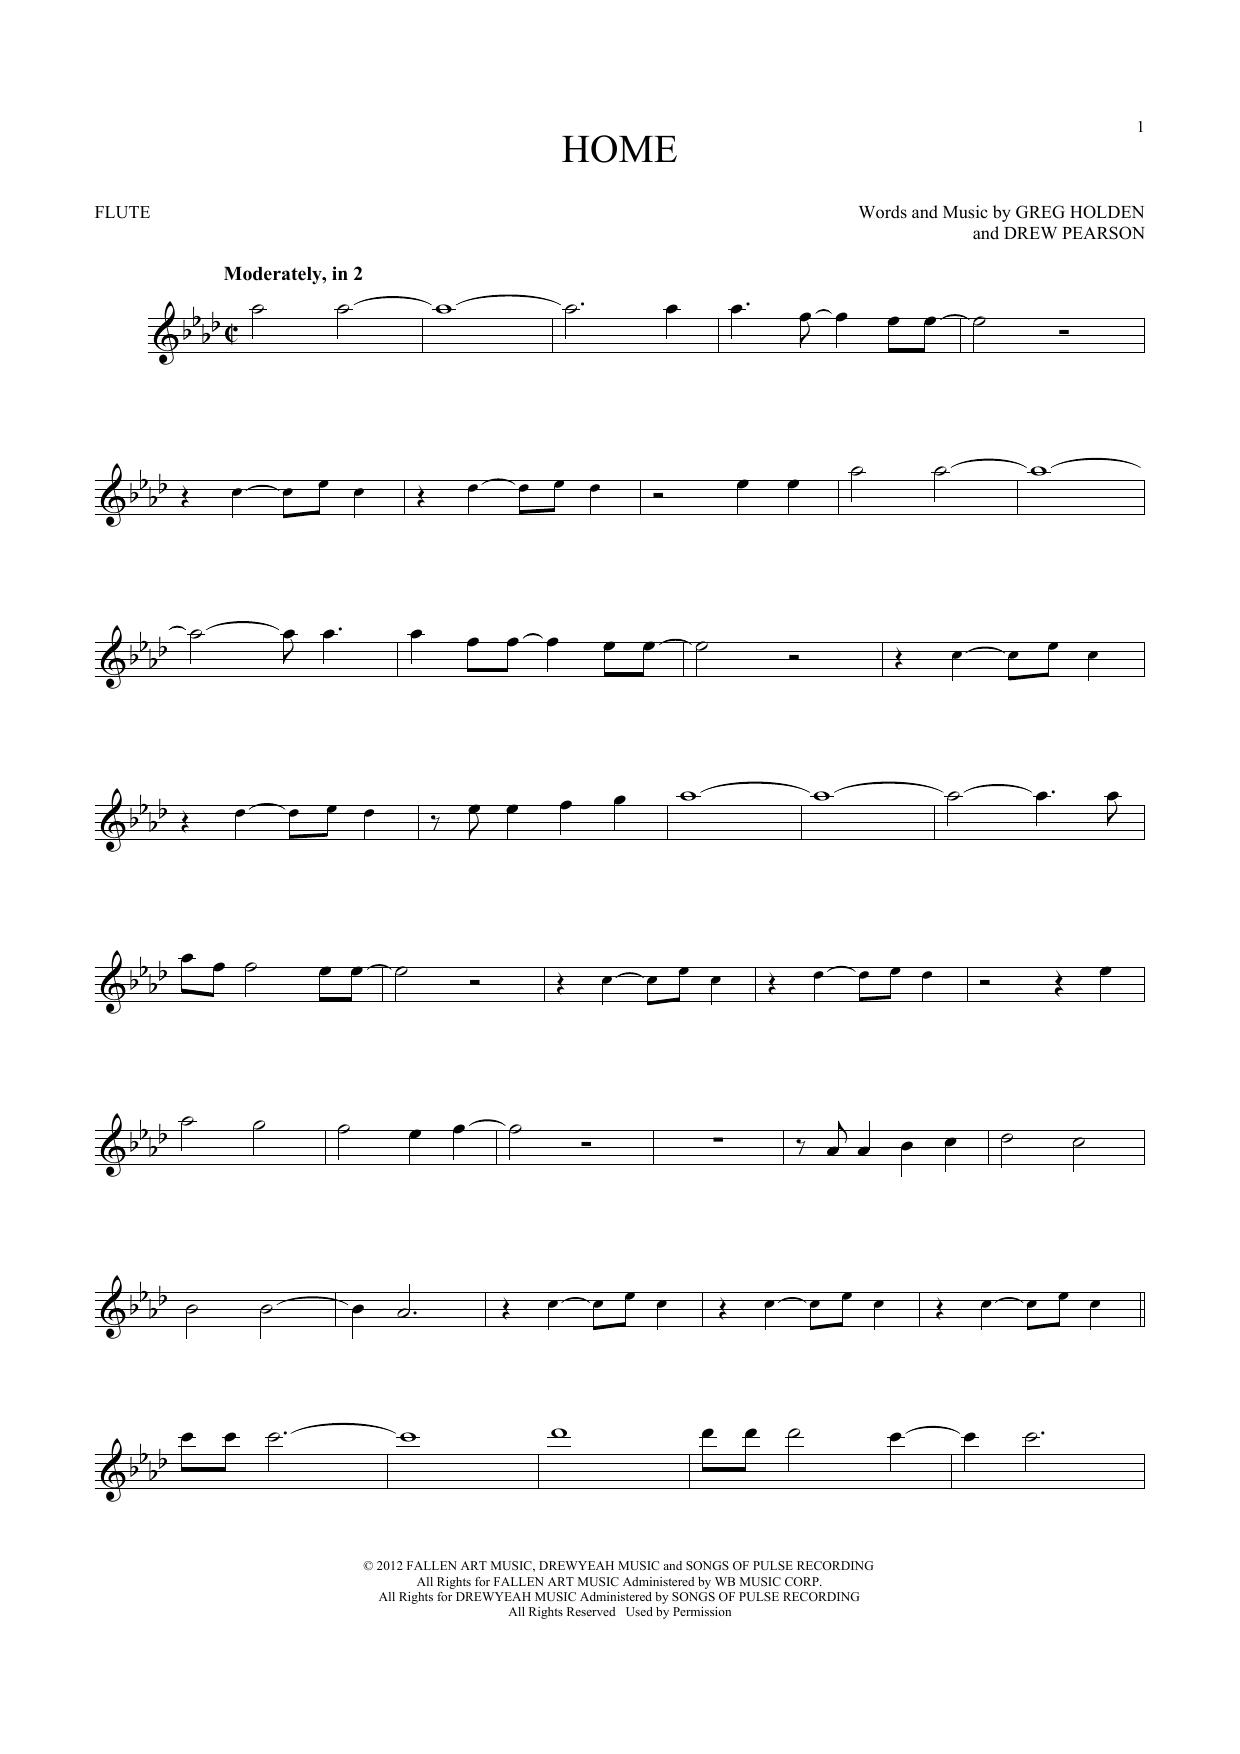 Home (Flute Solo)